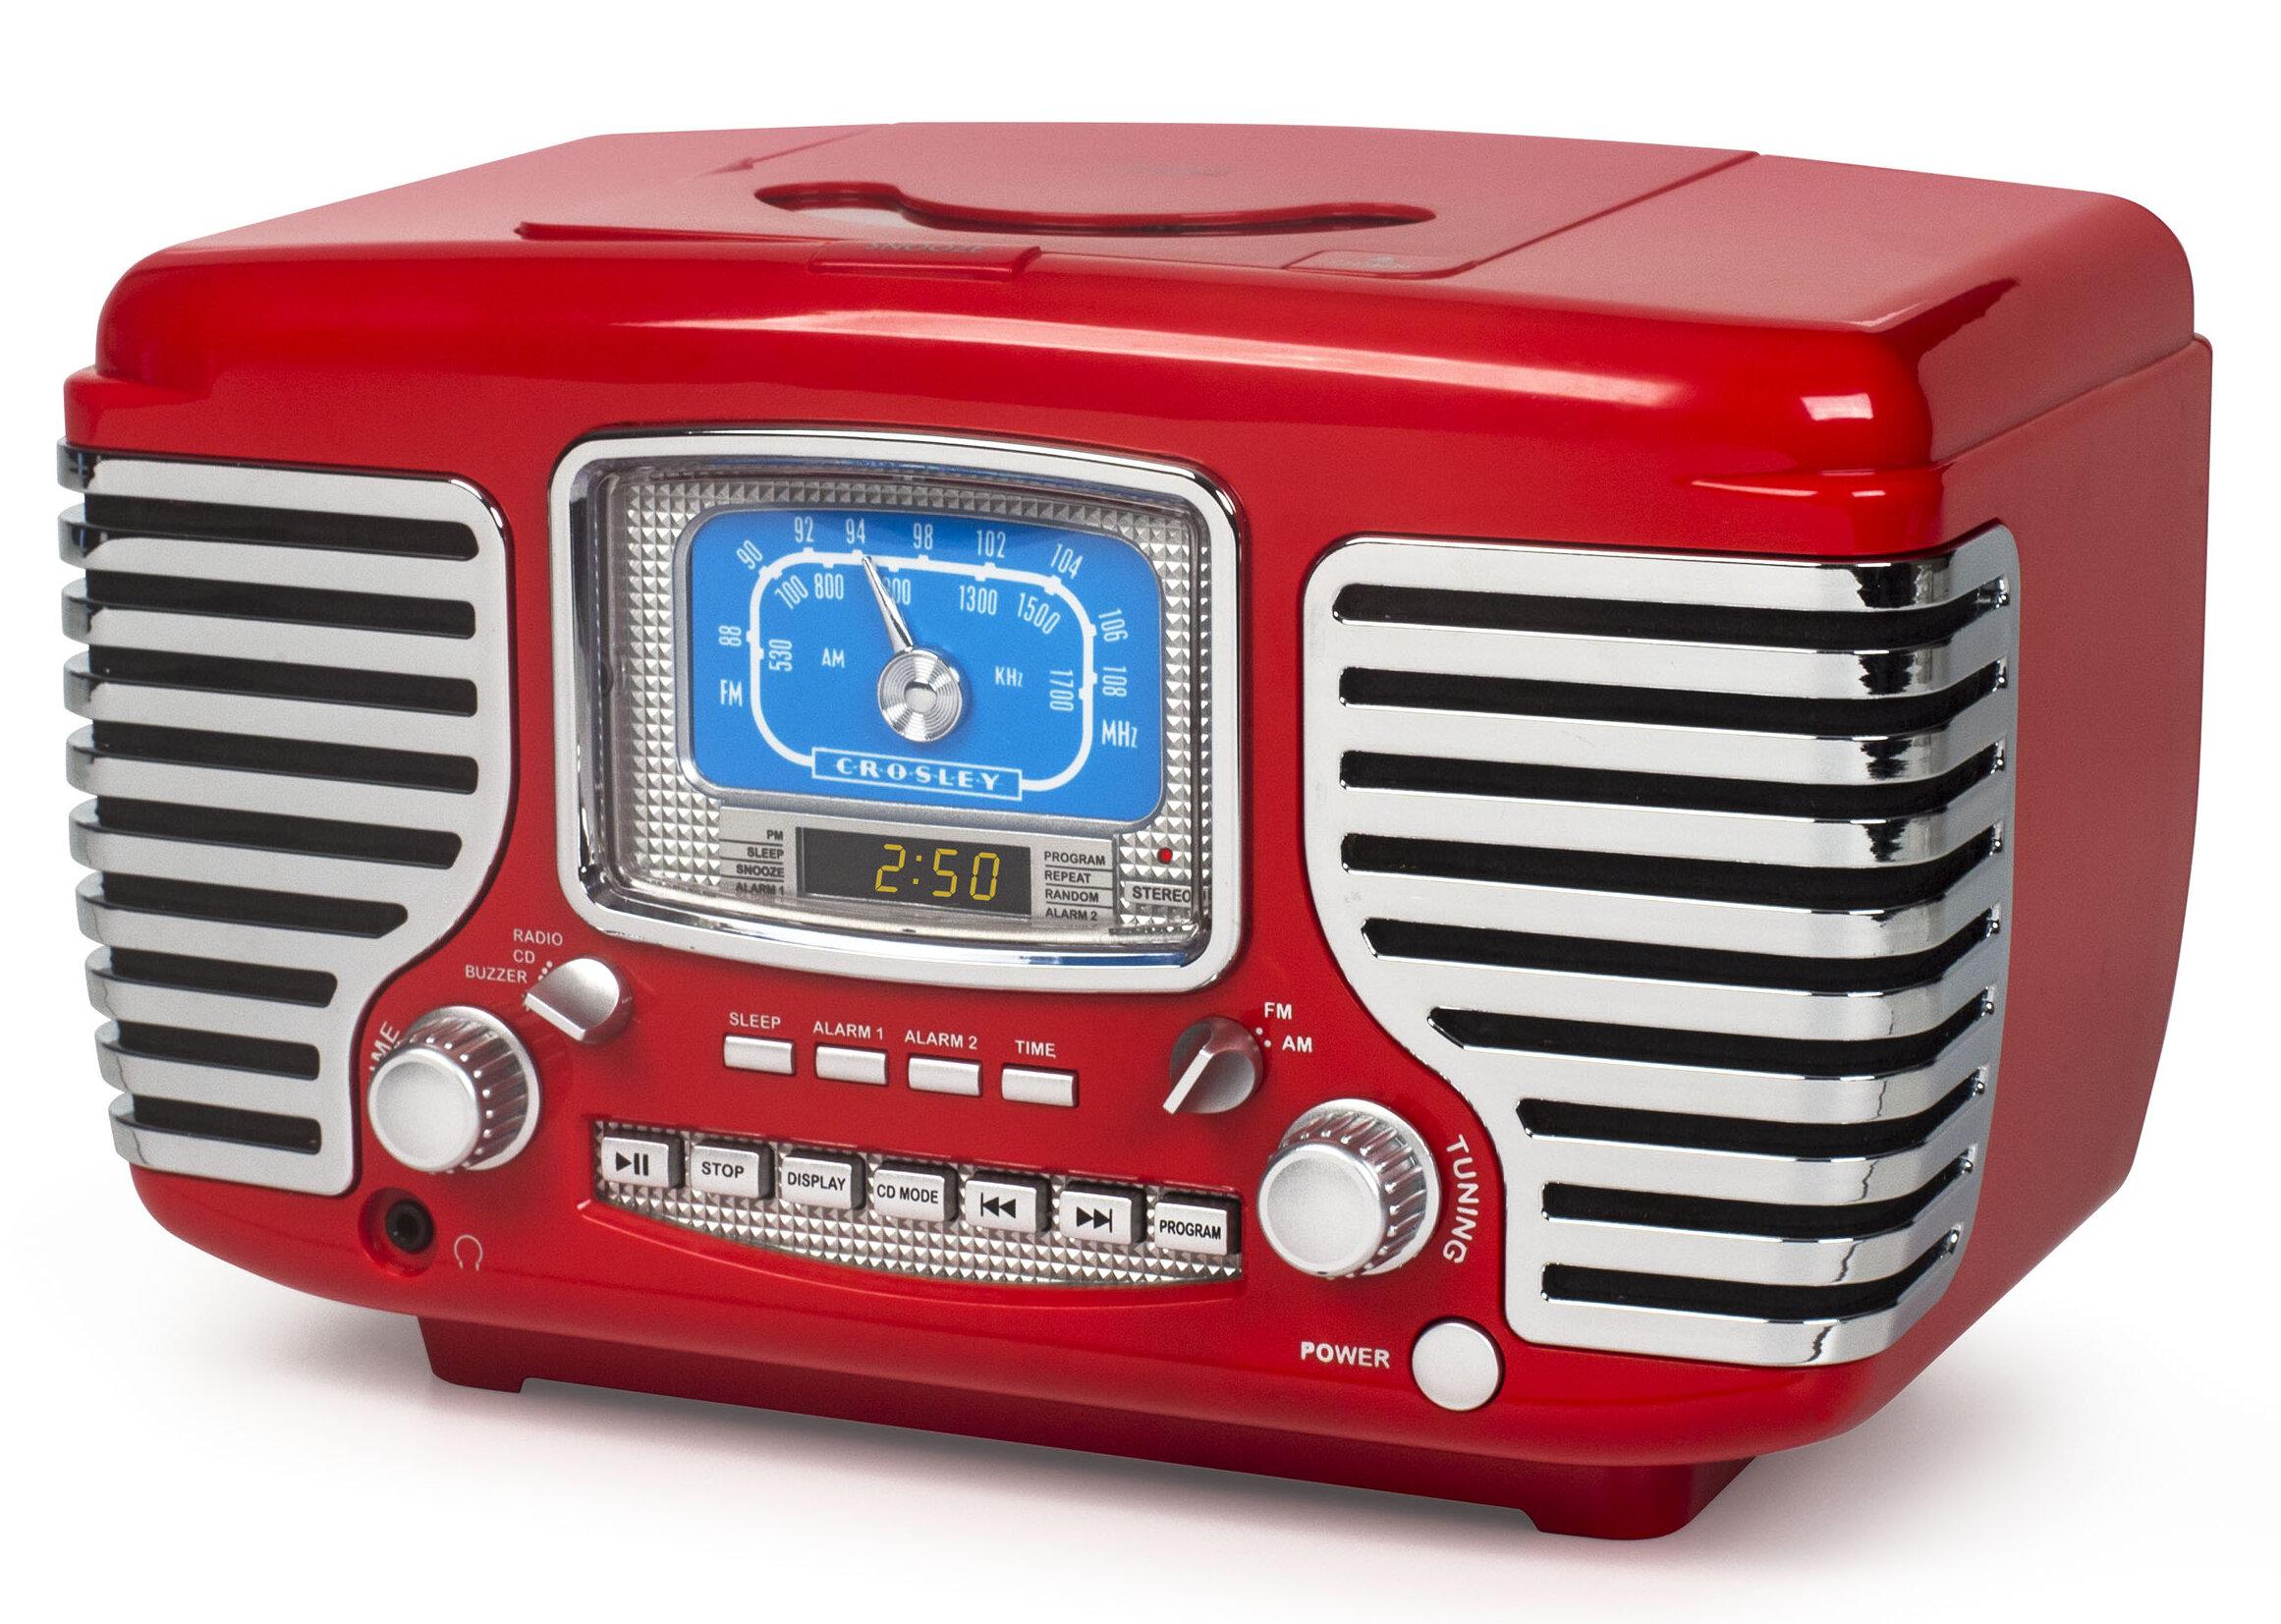 Crosley Cd Player And Radio | Wayfair